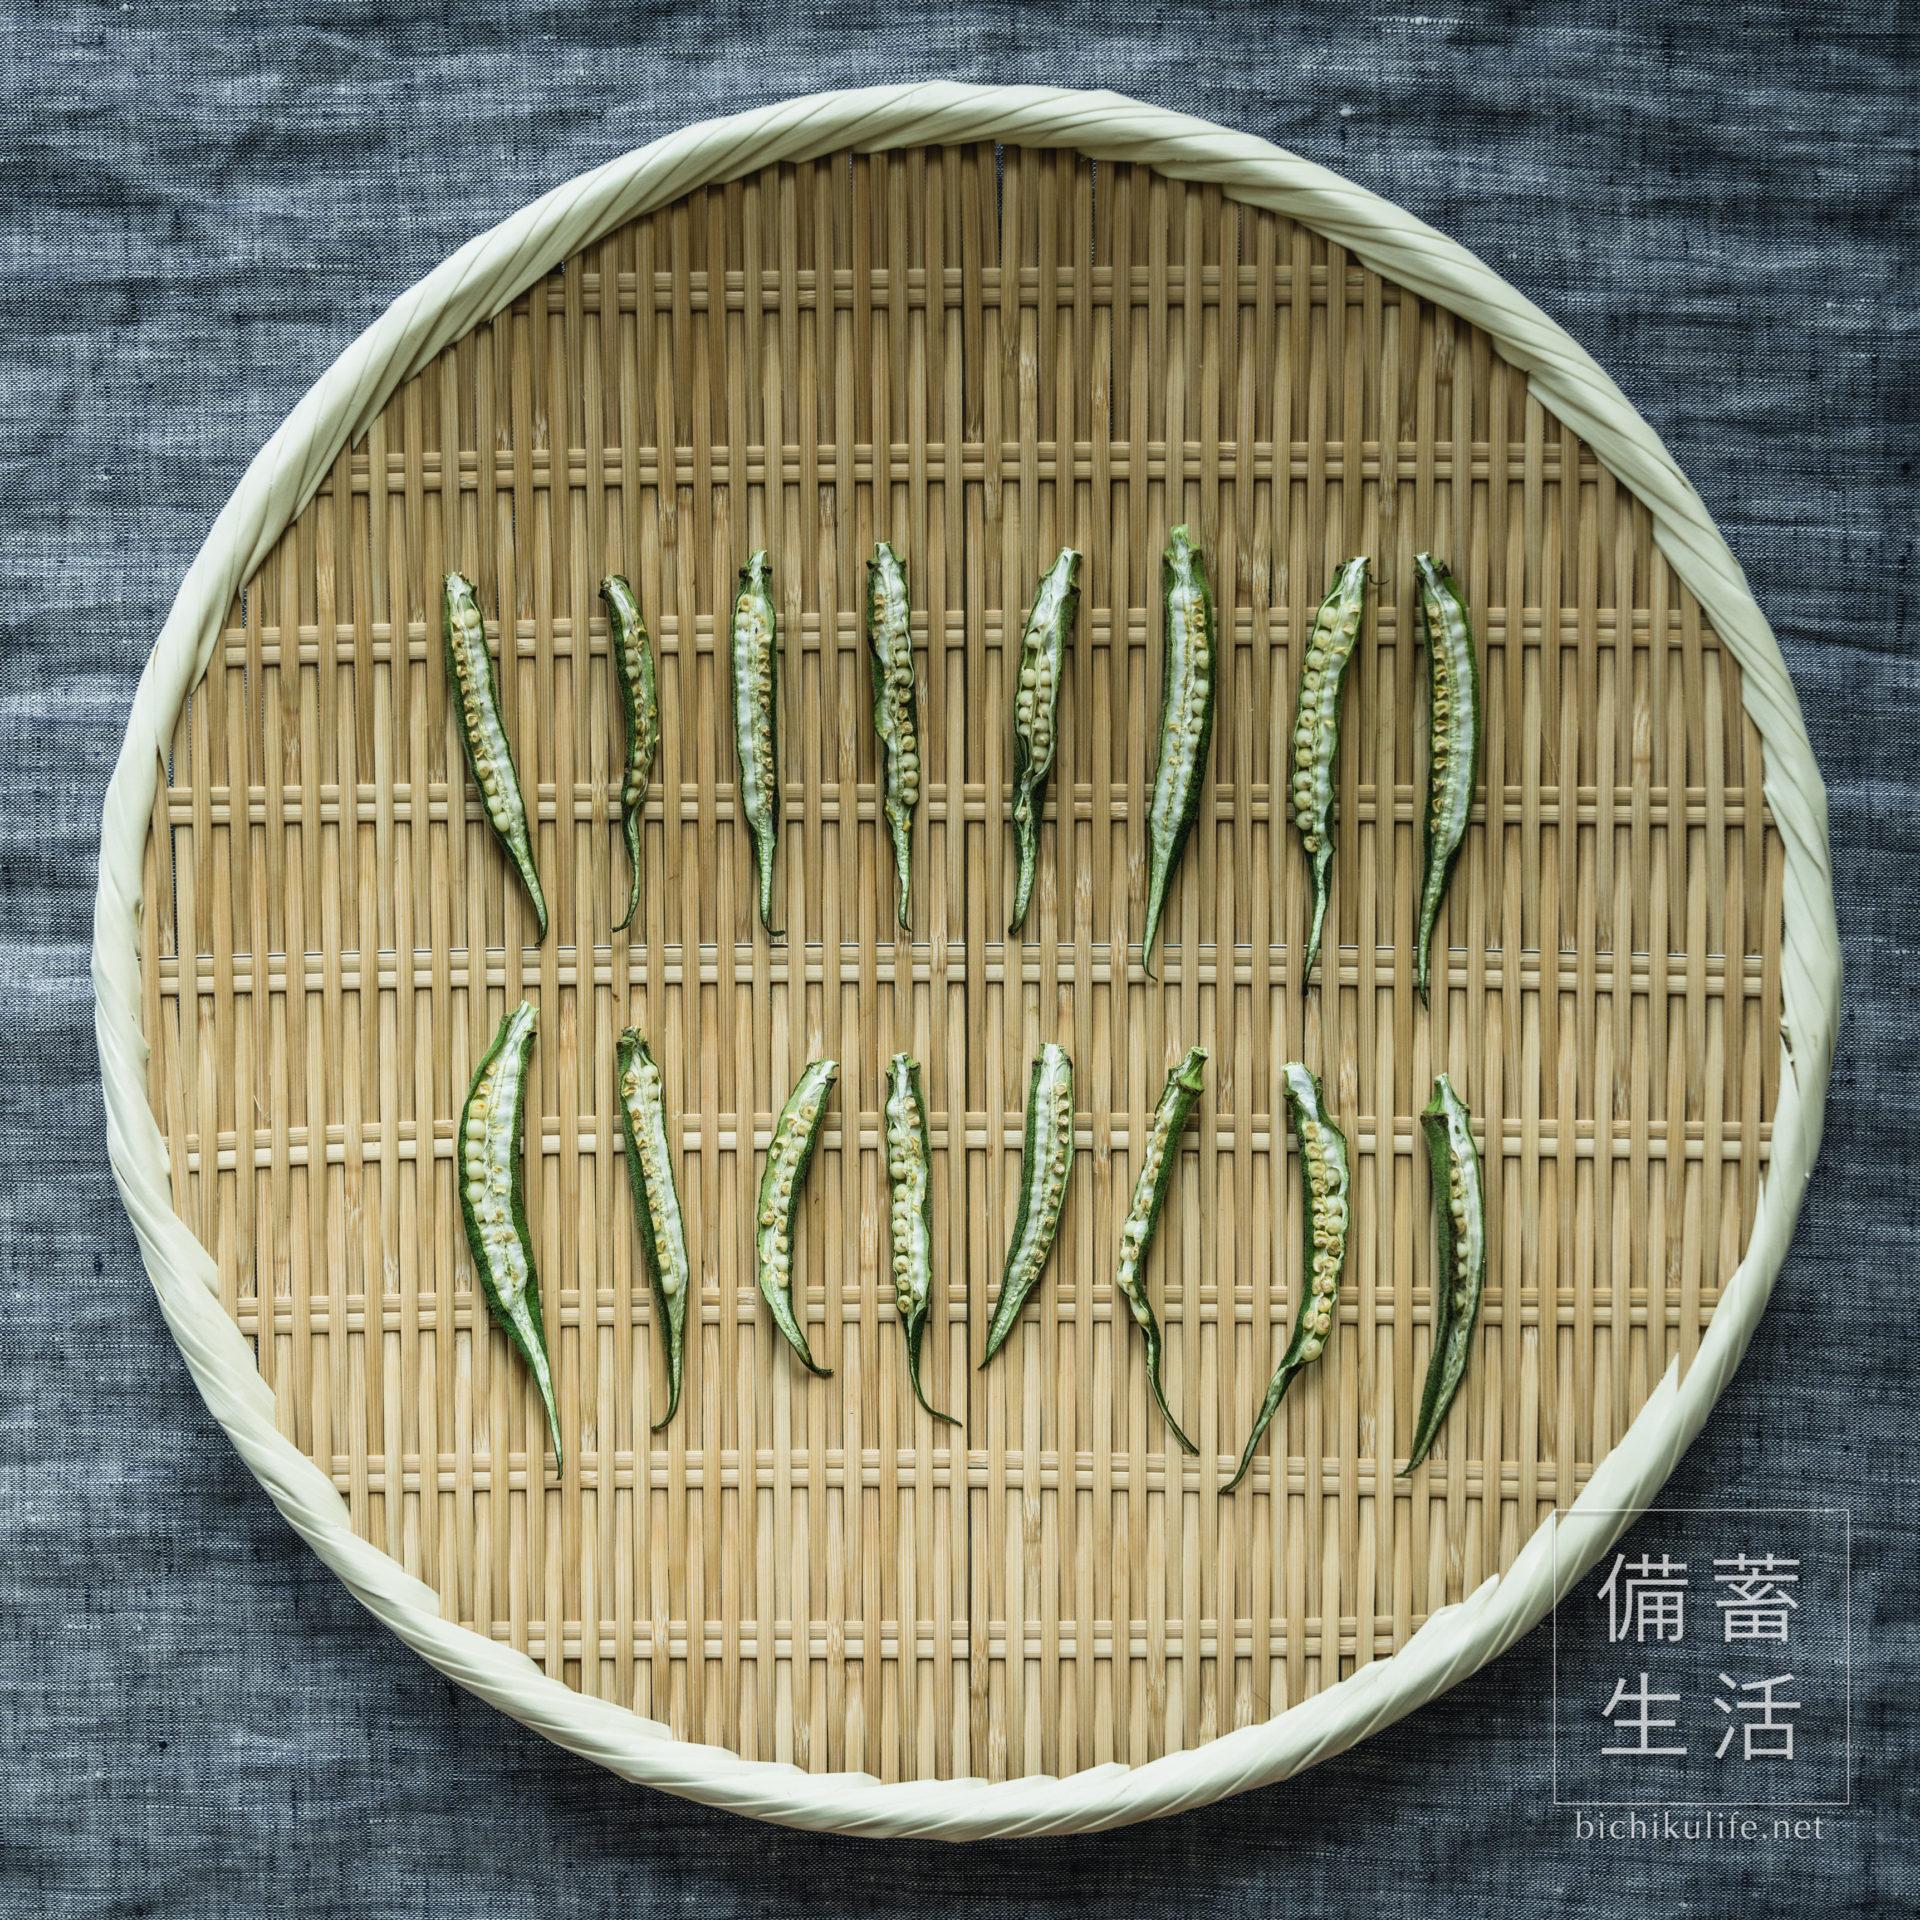 オクラ 干し野菜づくり|干しオクラの作り方